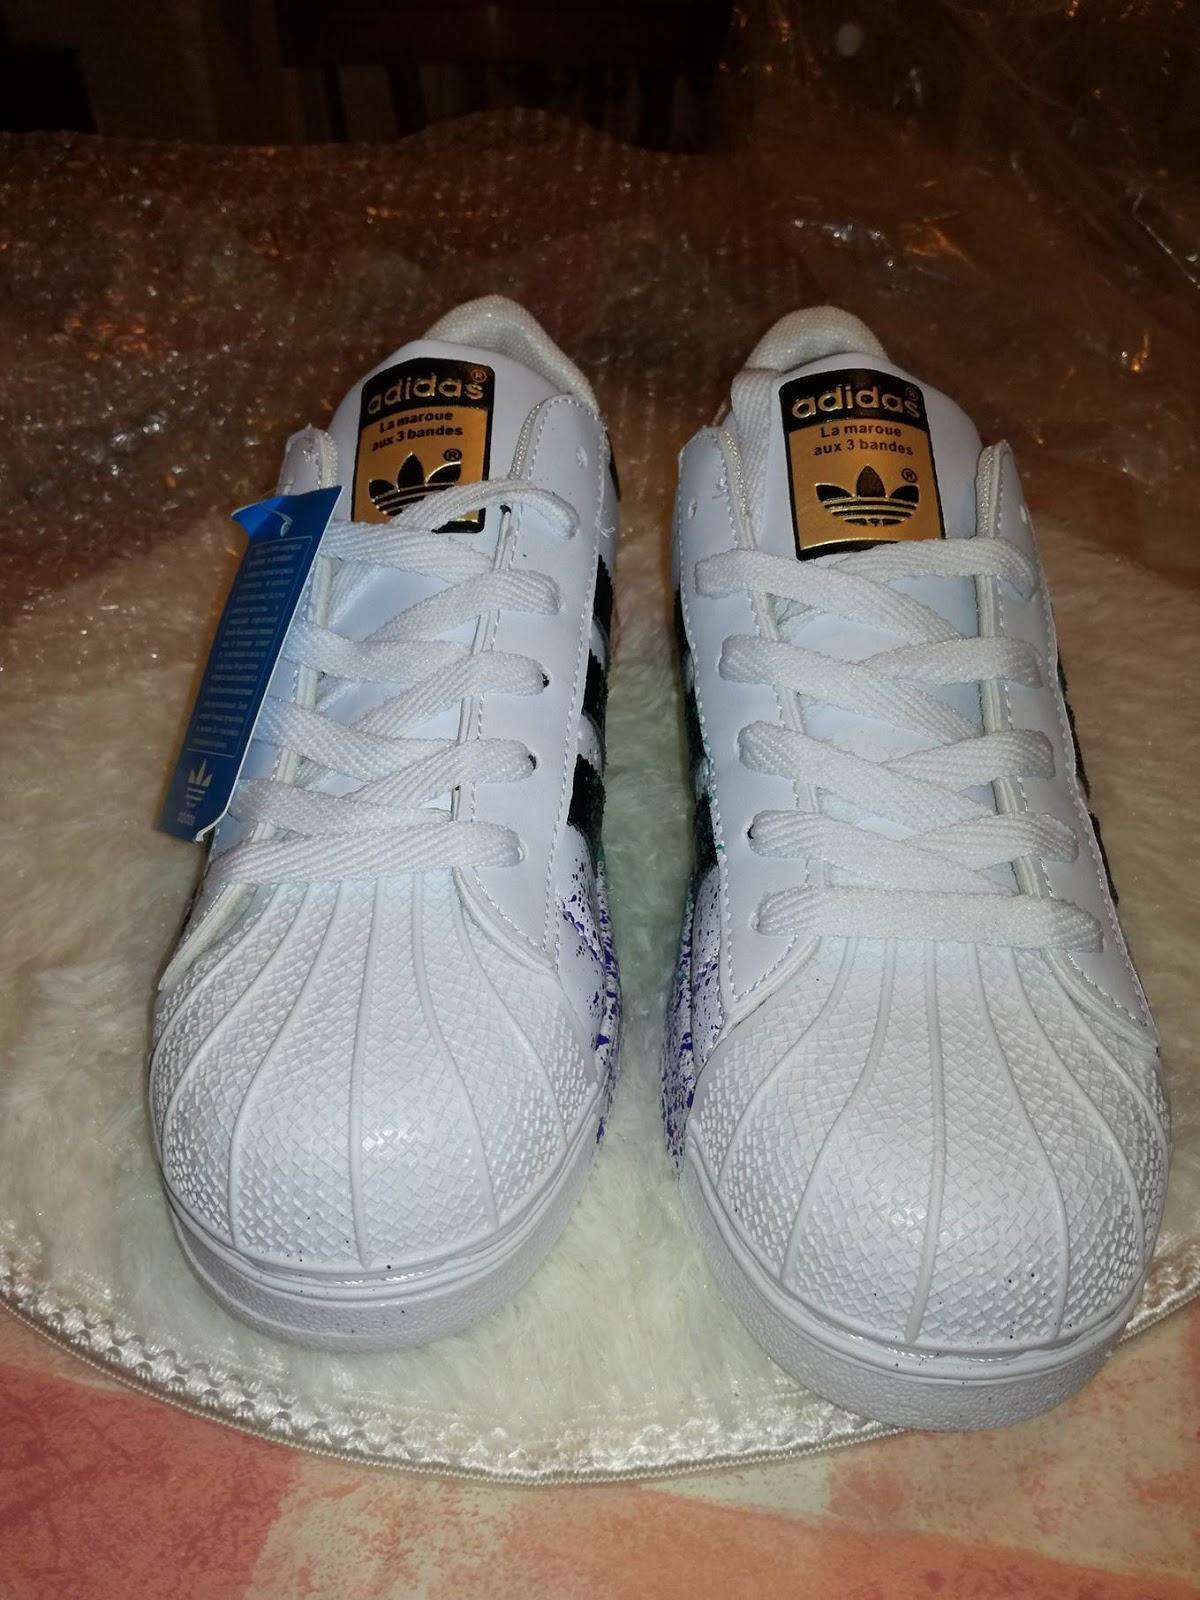 adidas scarpe 6 mesi